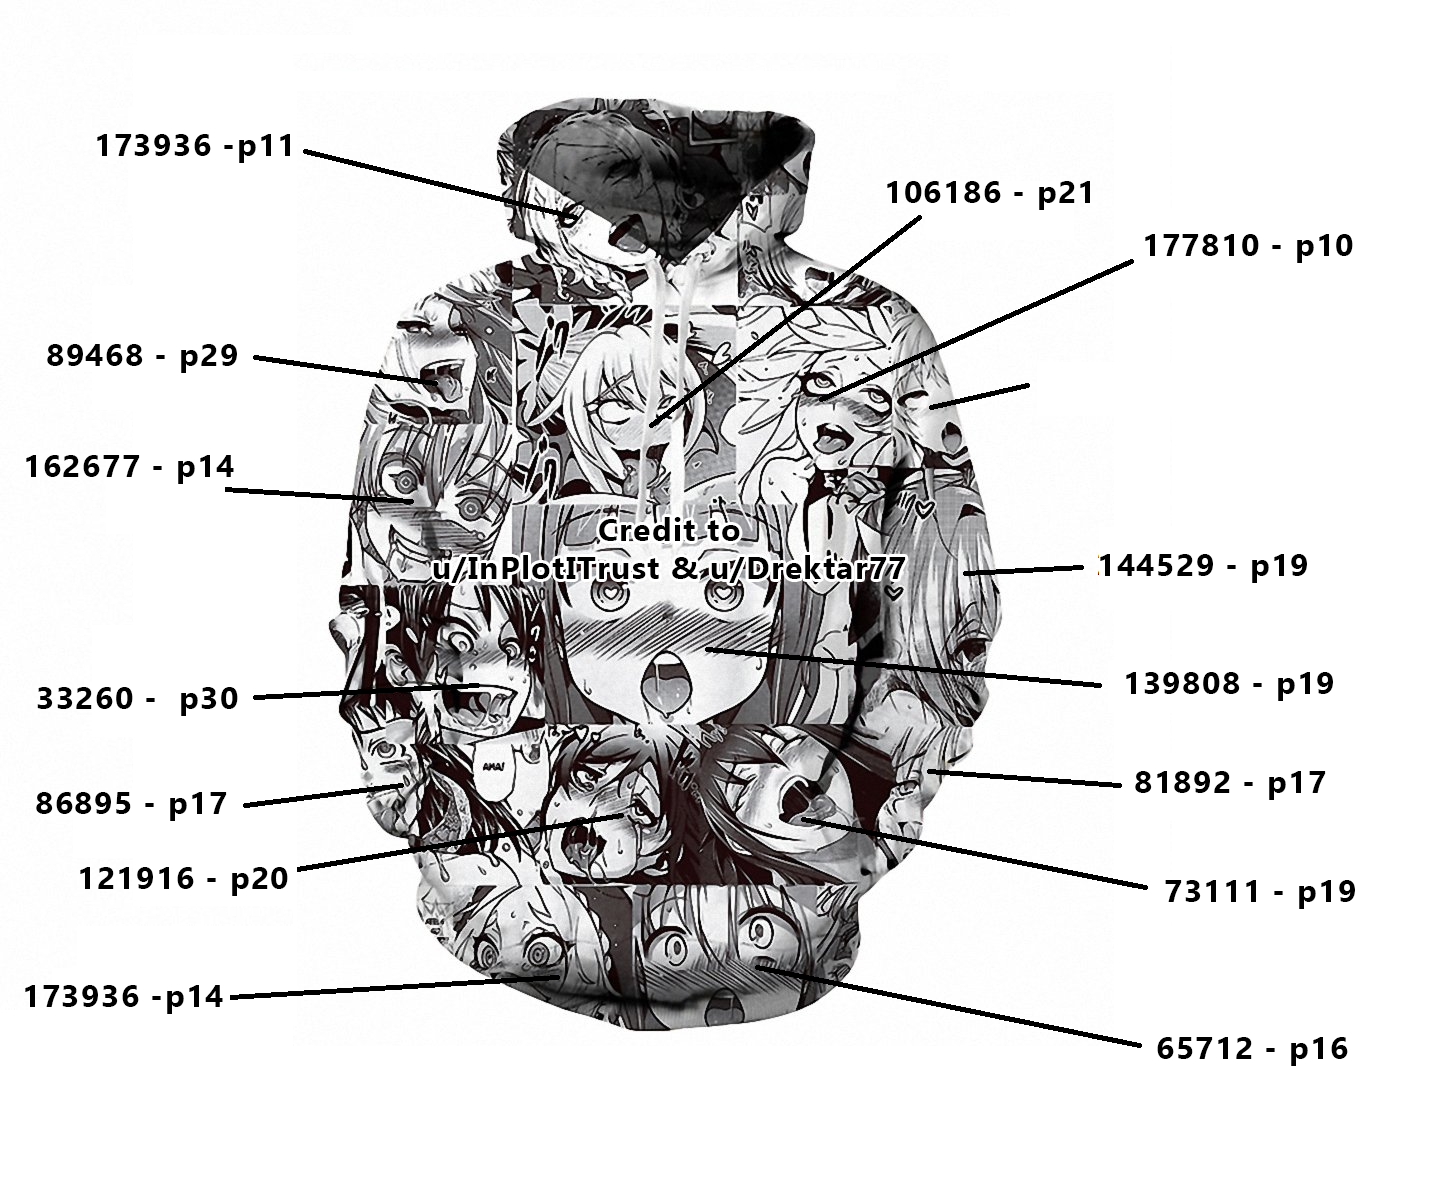 Ahaego ahegao hoodie nhentai source numbers (original / correct